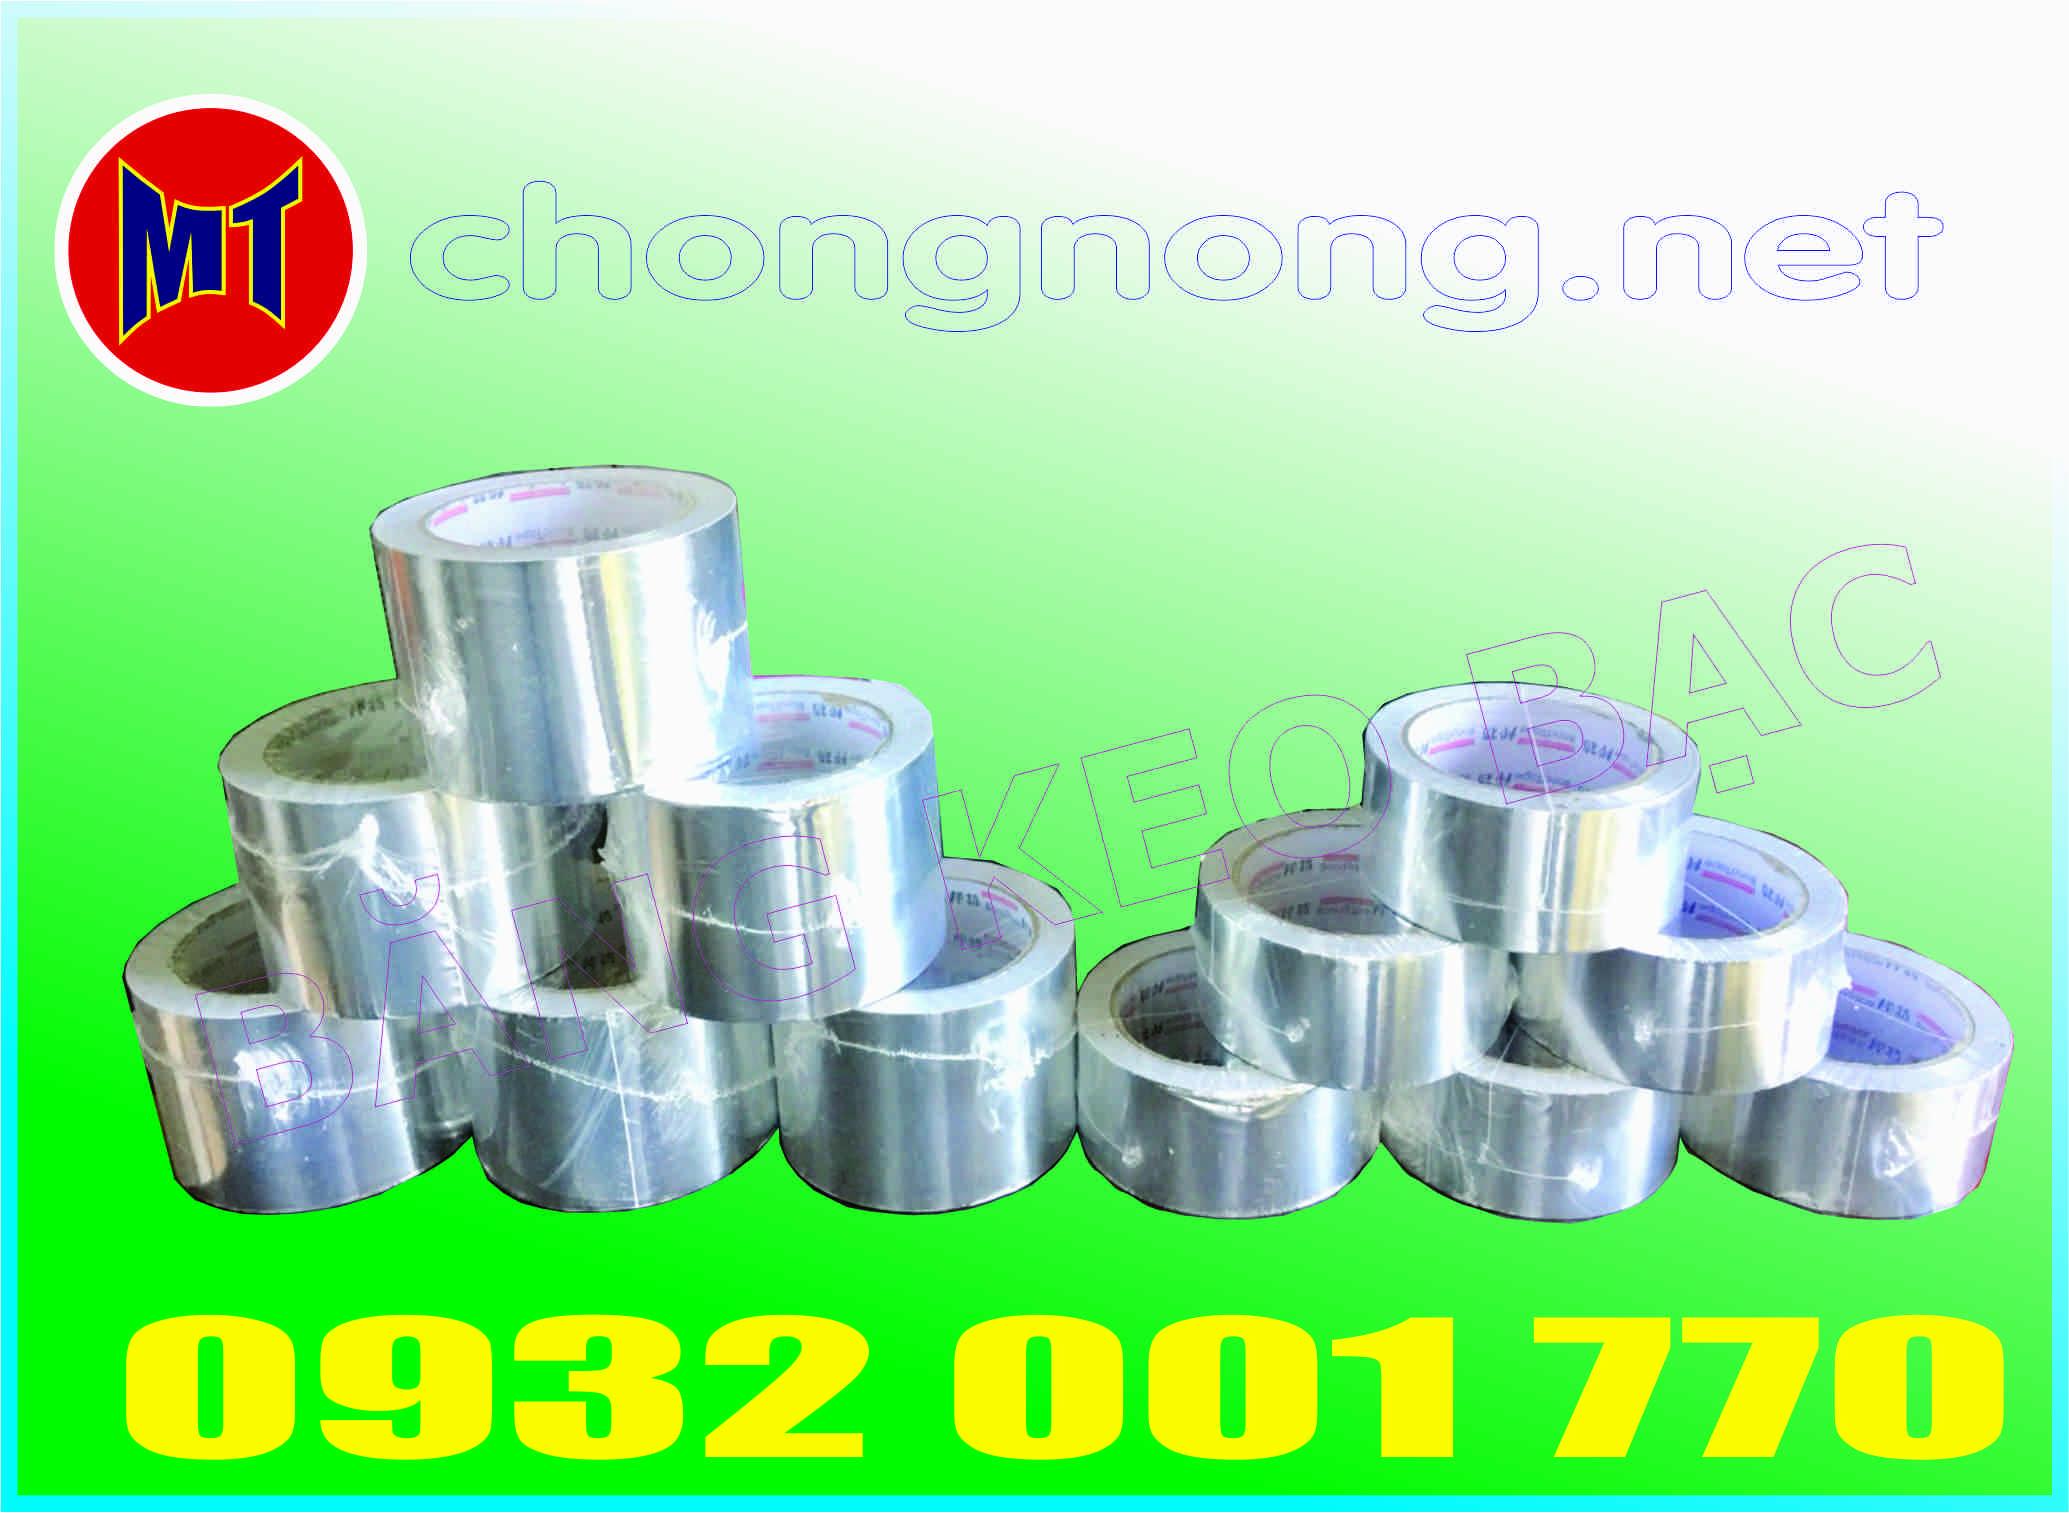 hình ảnh sản phẩm Băng keo bạc, băng keo nhôm, băng keo cách nhiệt bản rộng 75mm